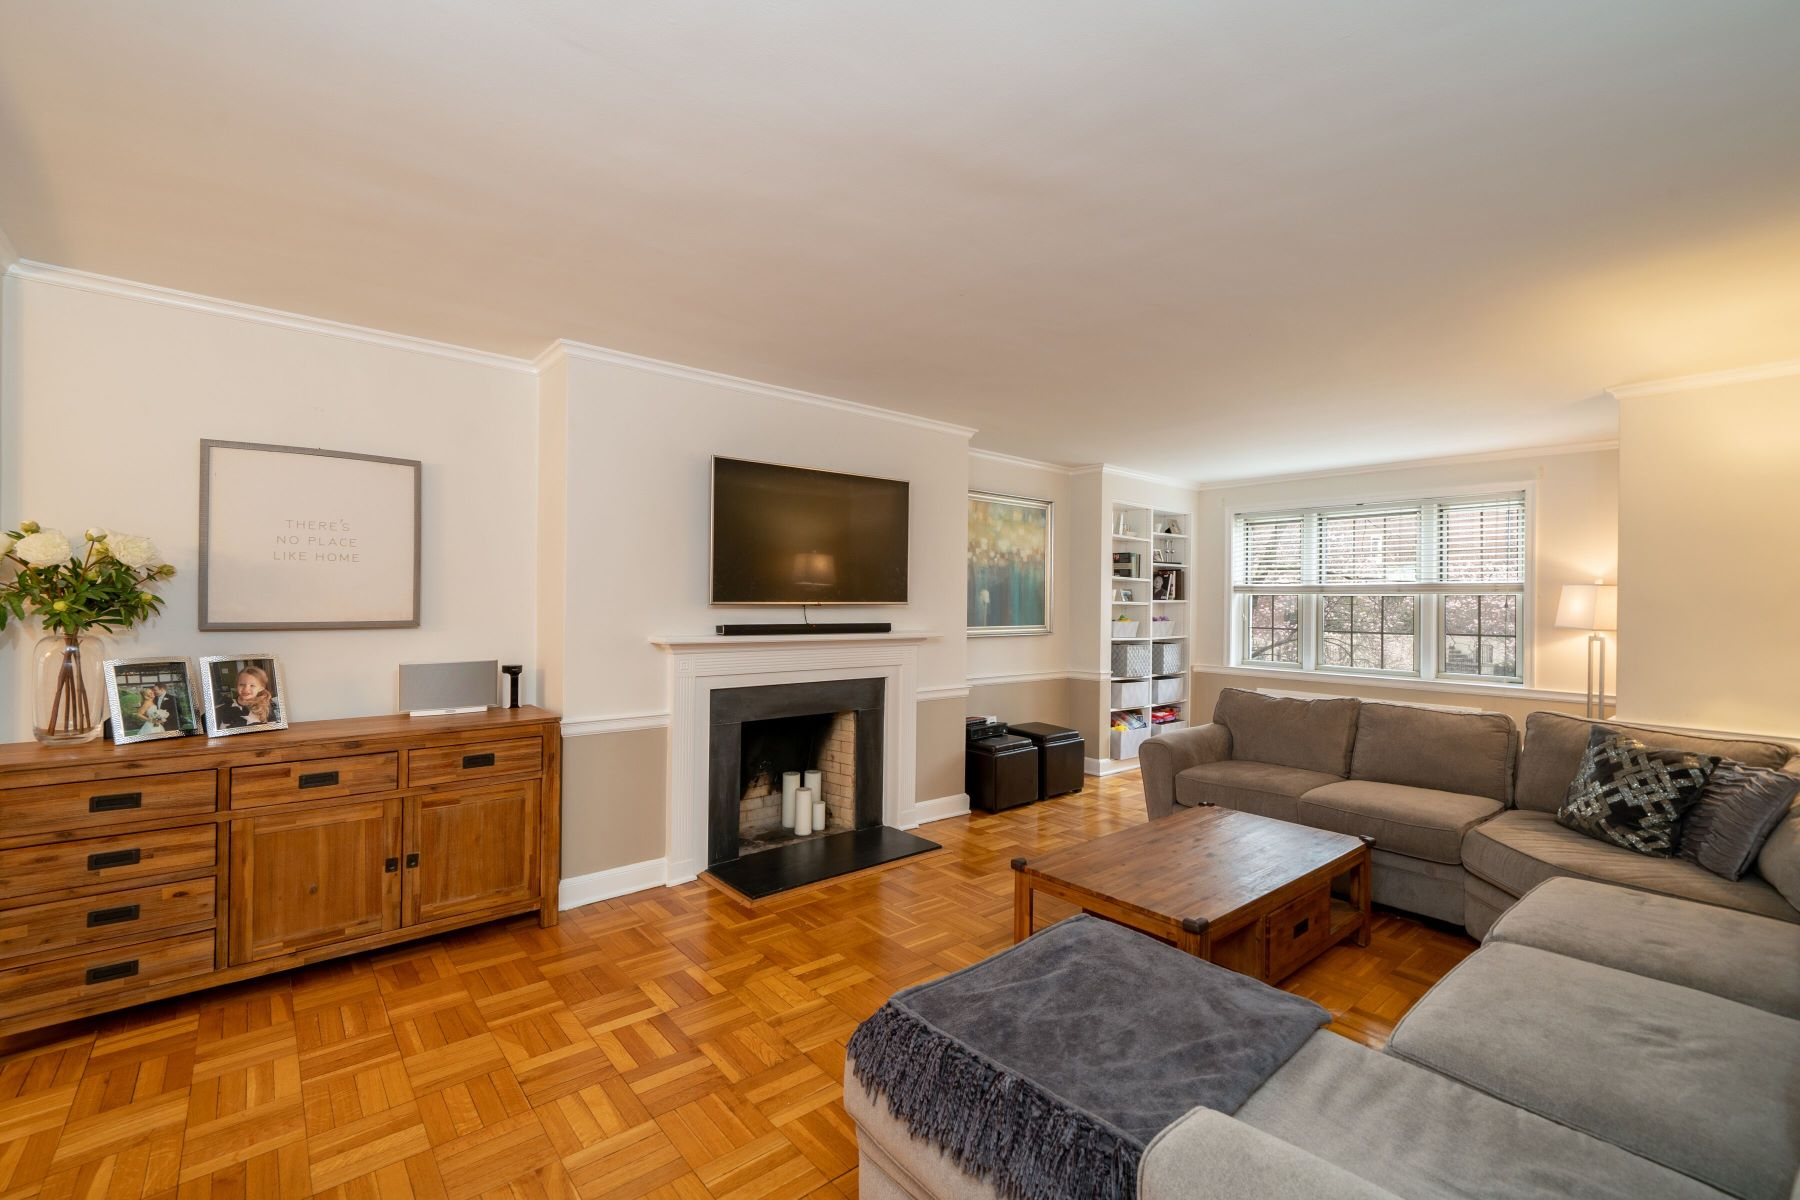 合作公寓 为 销售 在 The Perfect Urban-Suburban Lifestyle 8 Chateaux Circle 8B 斯卡斯代尔, 纽约 10583 美国